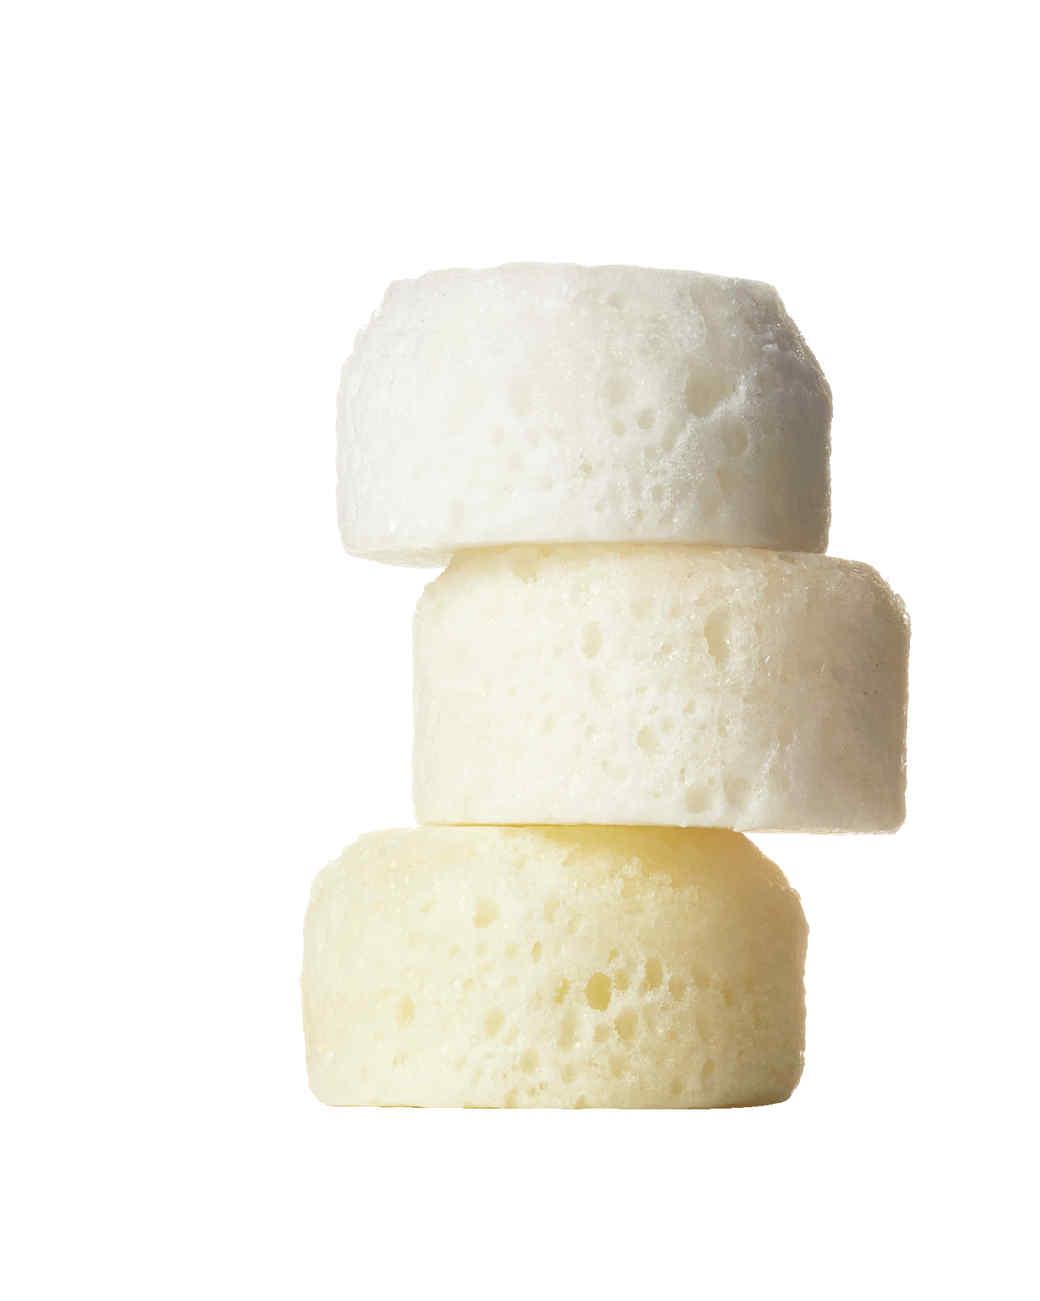 soap-sponges-037-d112325.jpg